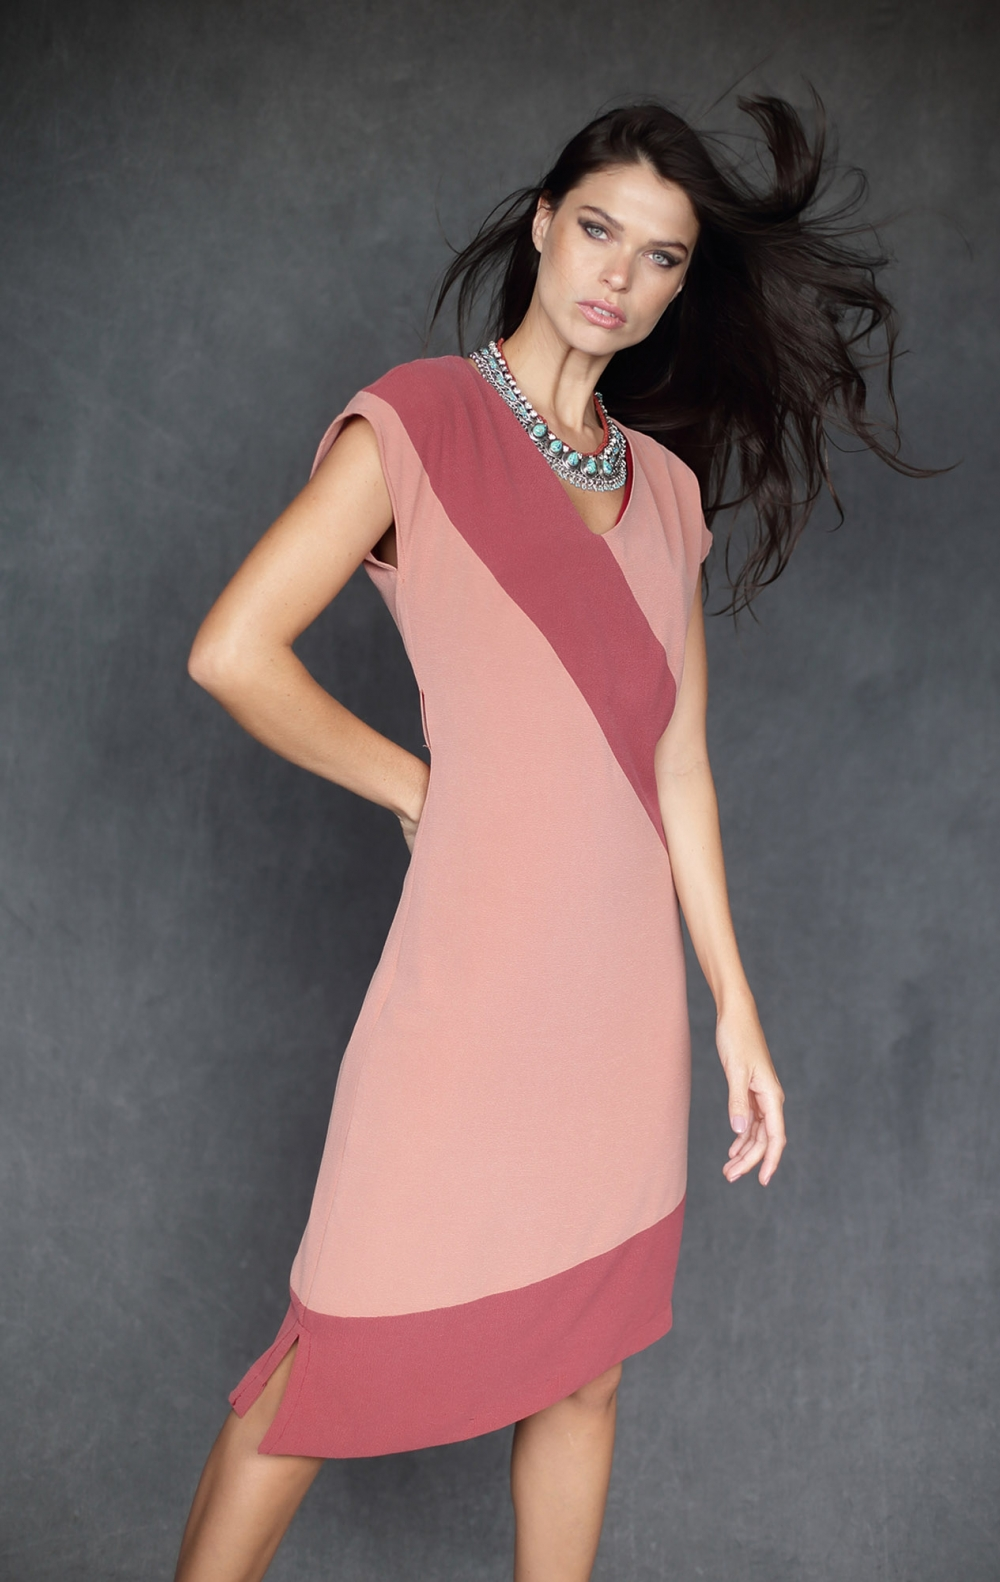 Vestido Claudel Rosa  - Foto 1